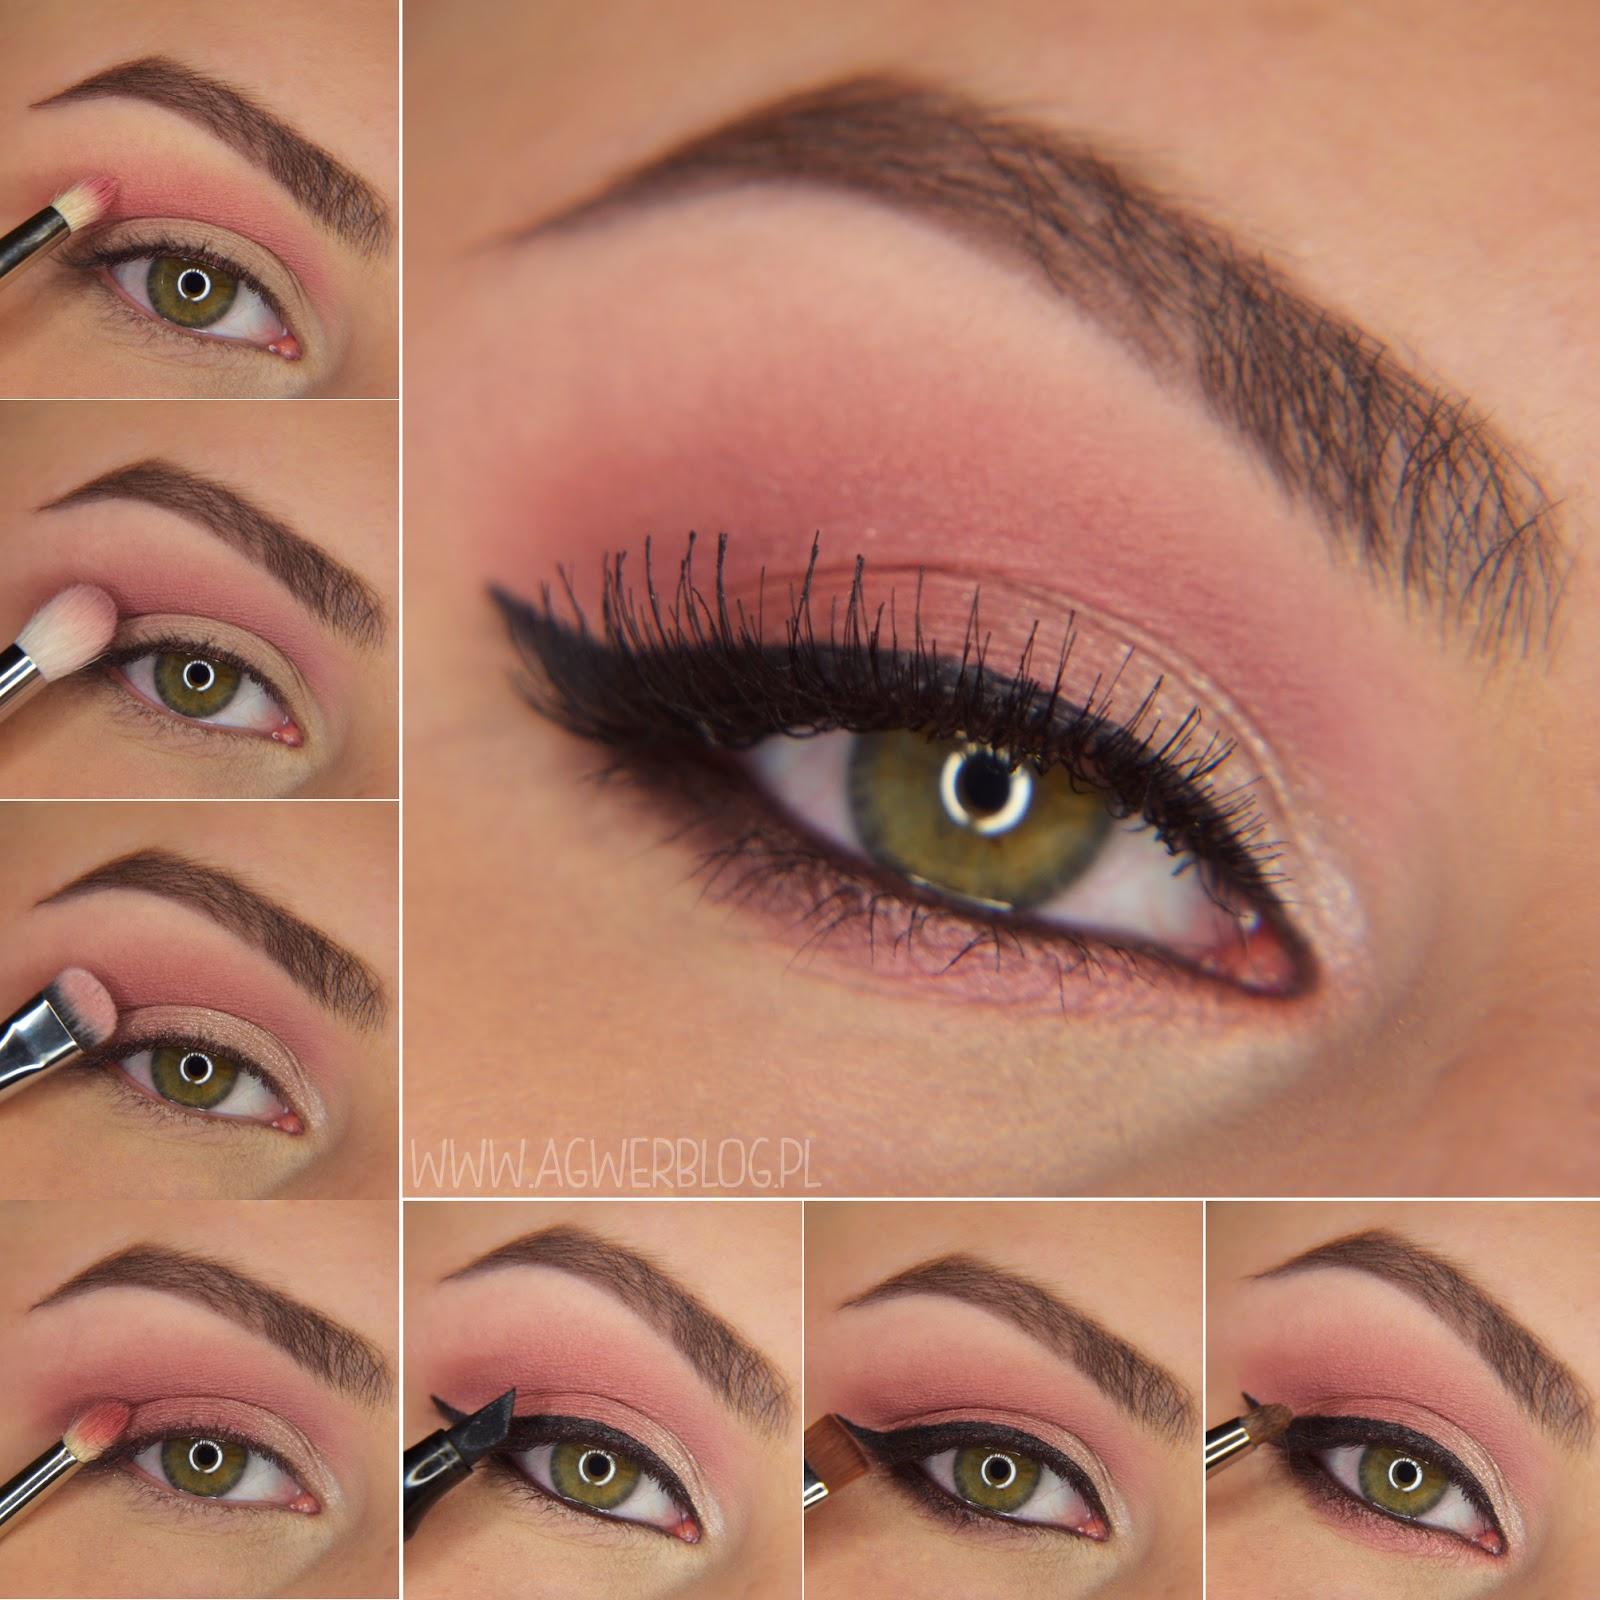 Ciepły Makijaż Krok Po Kroku Makeup Revolution Agwerblog